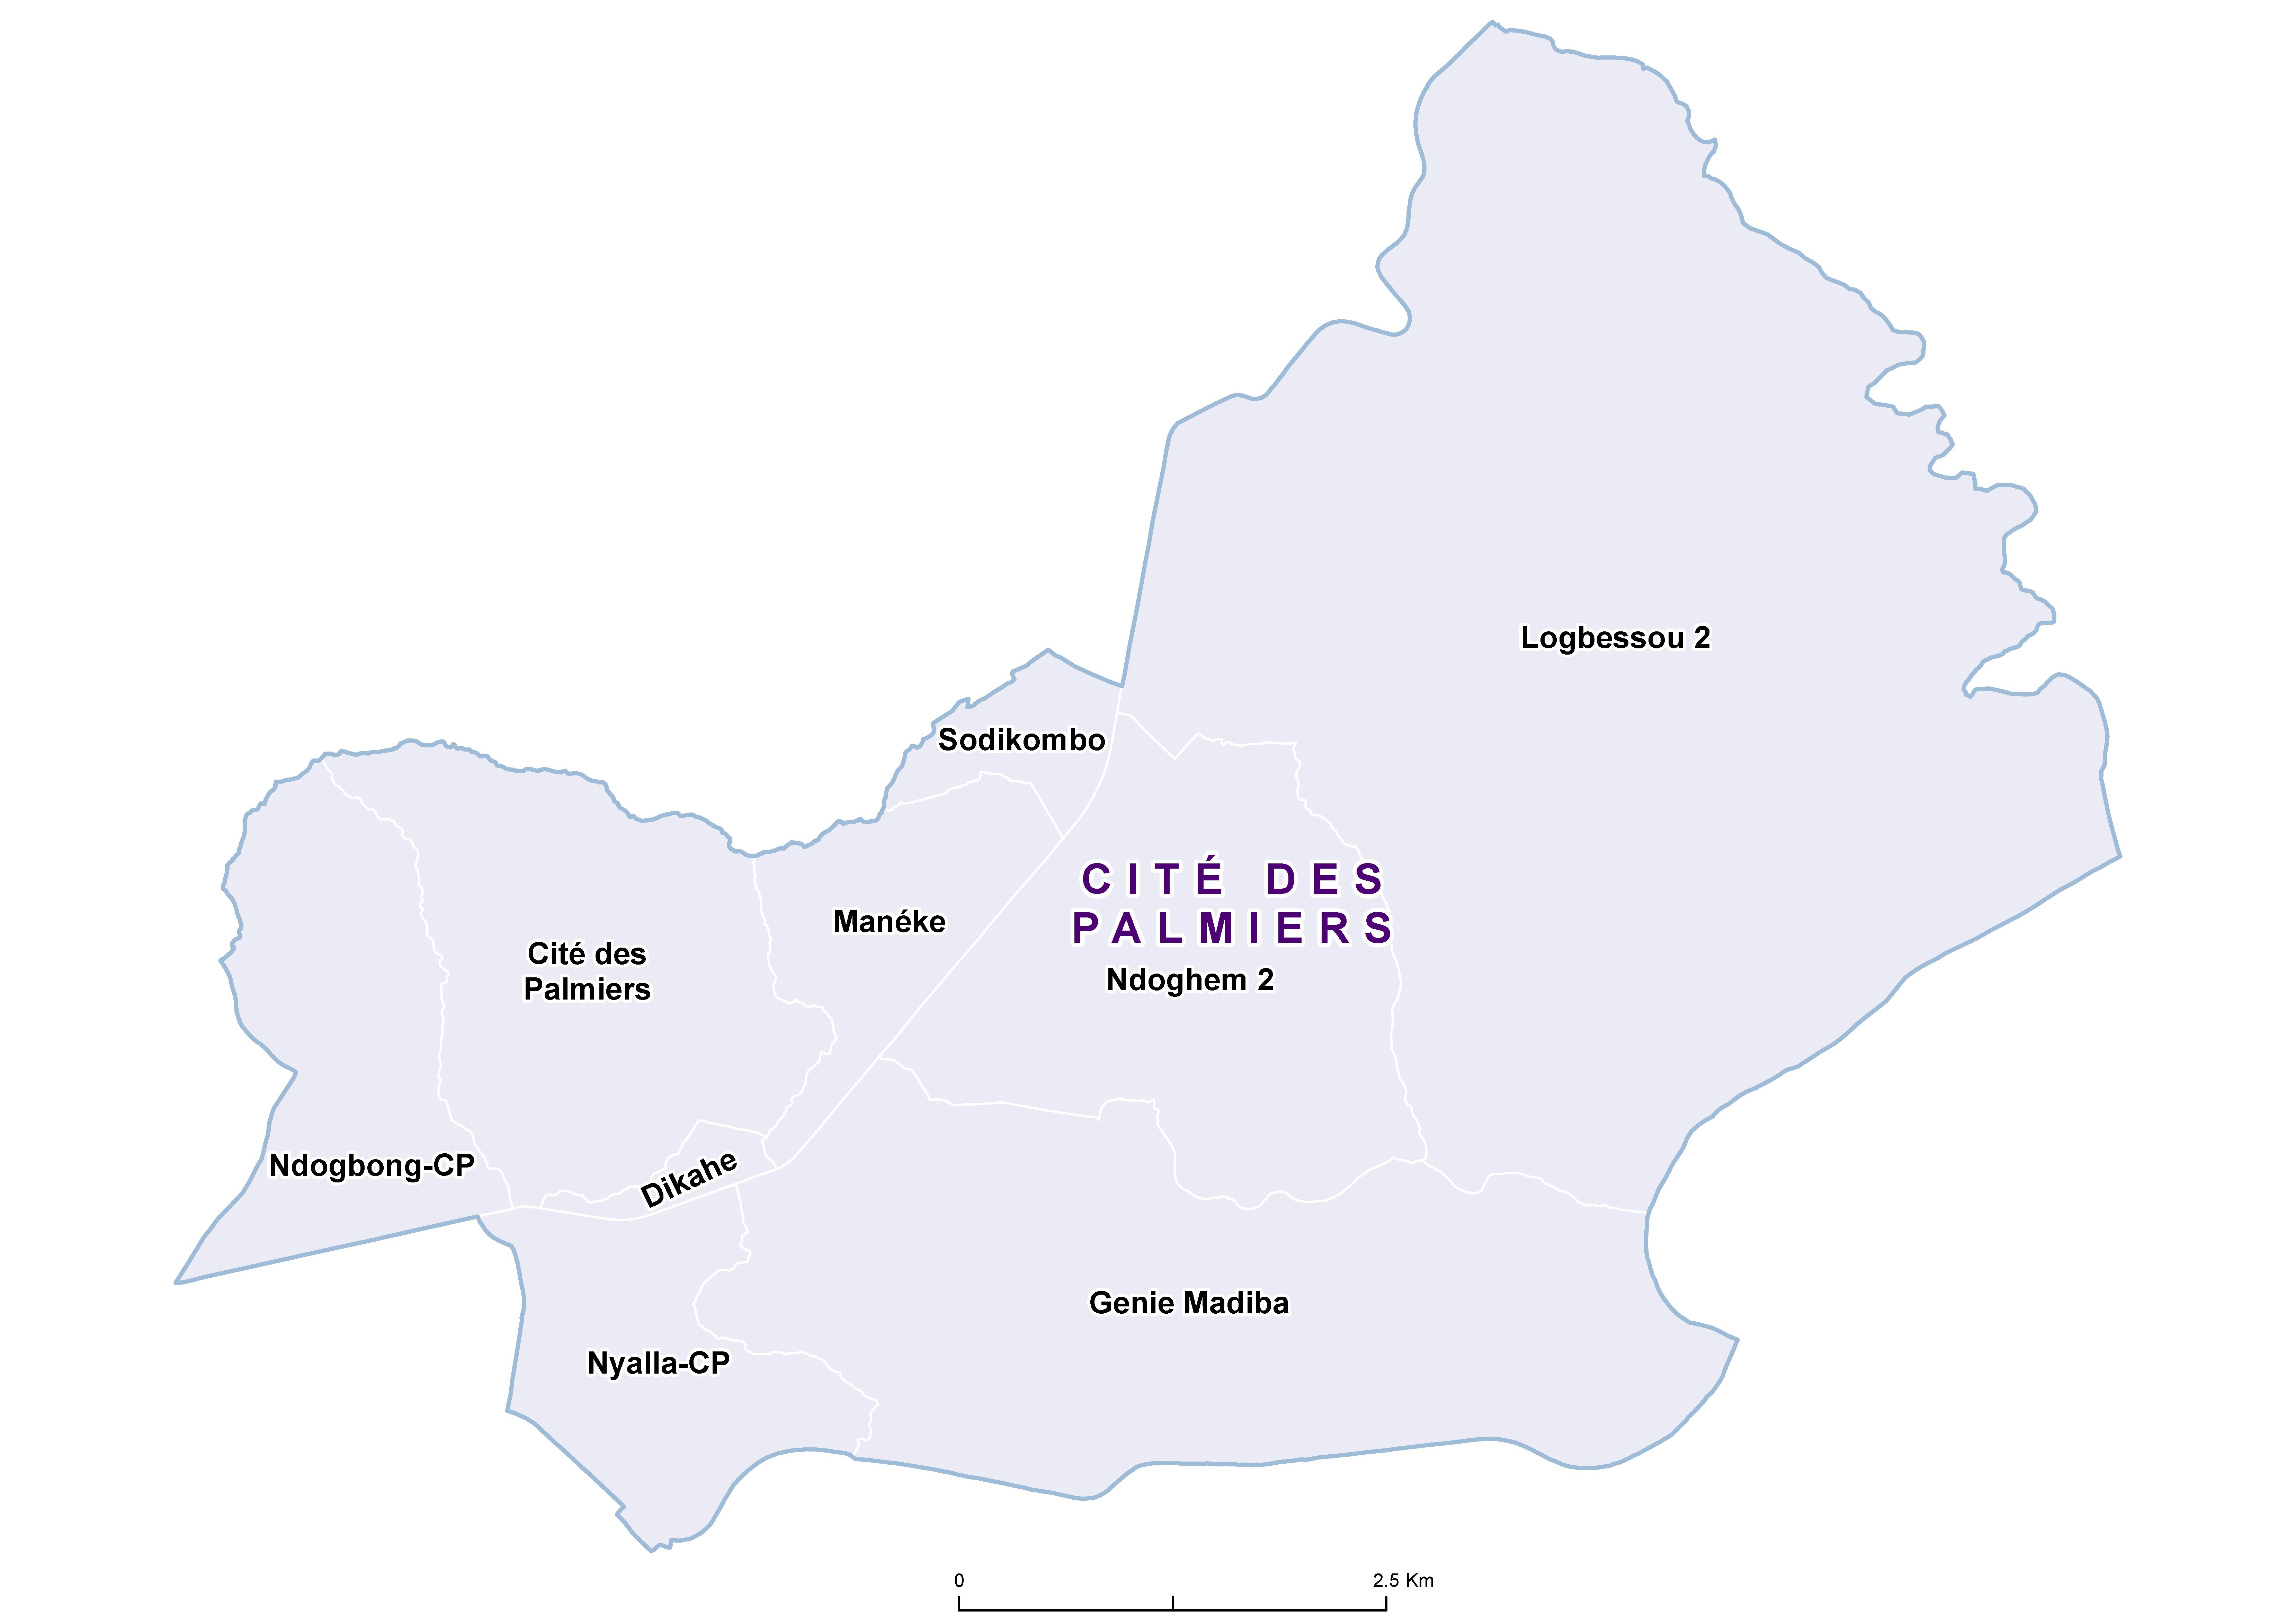 Cité des palmiers SCH 20180001